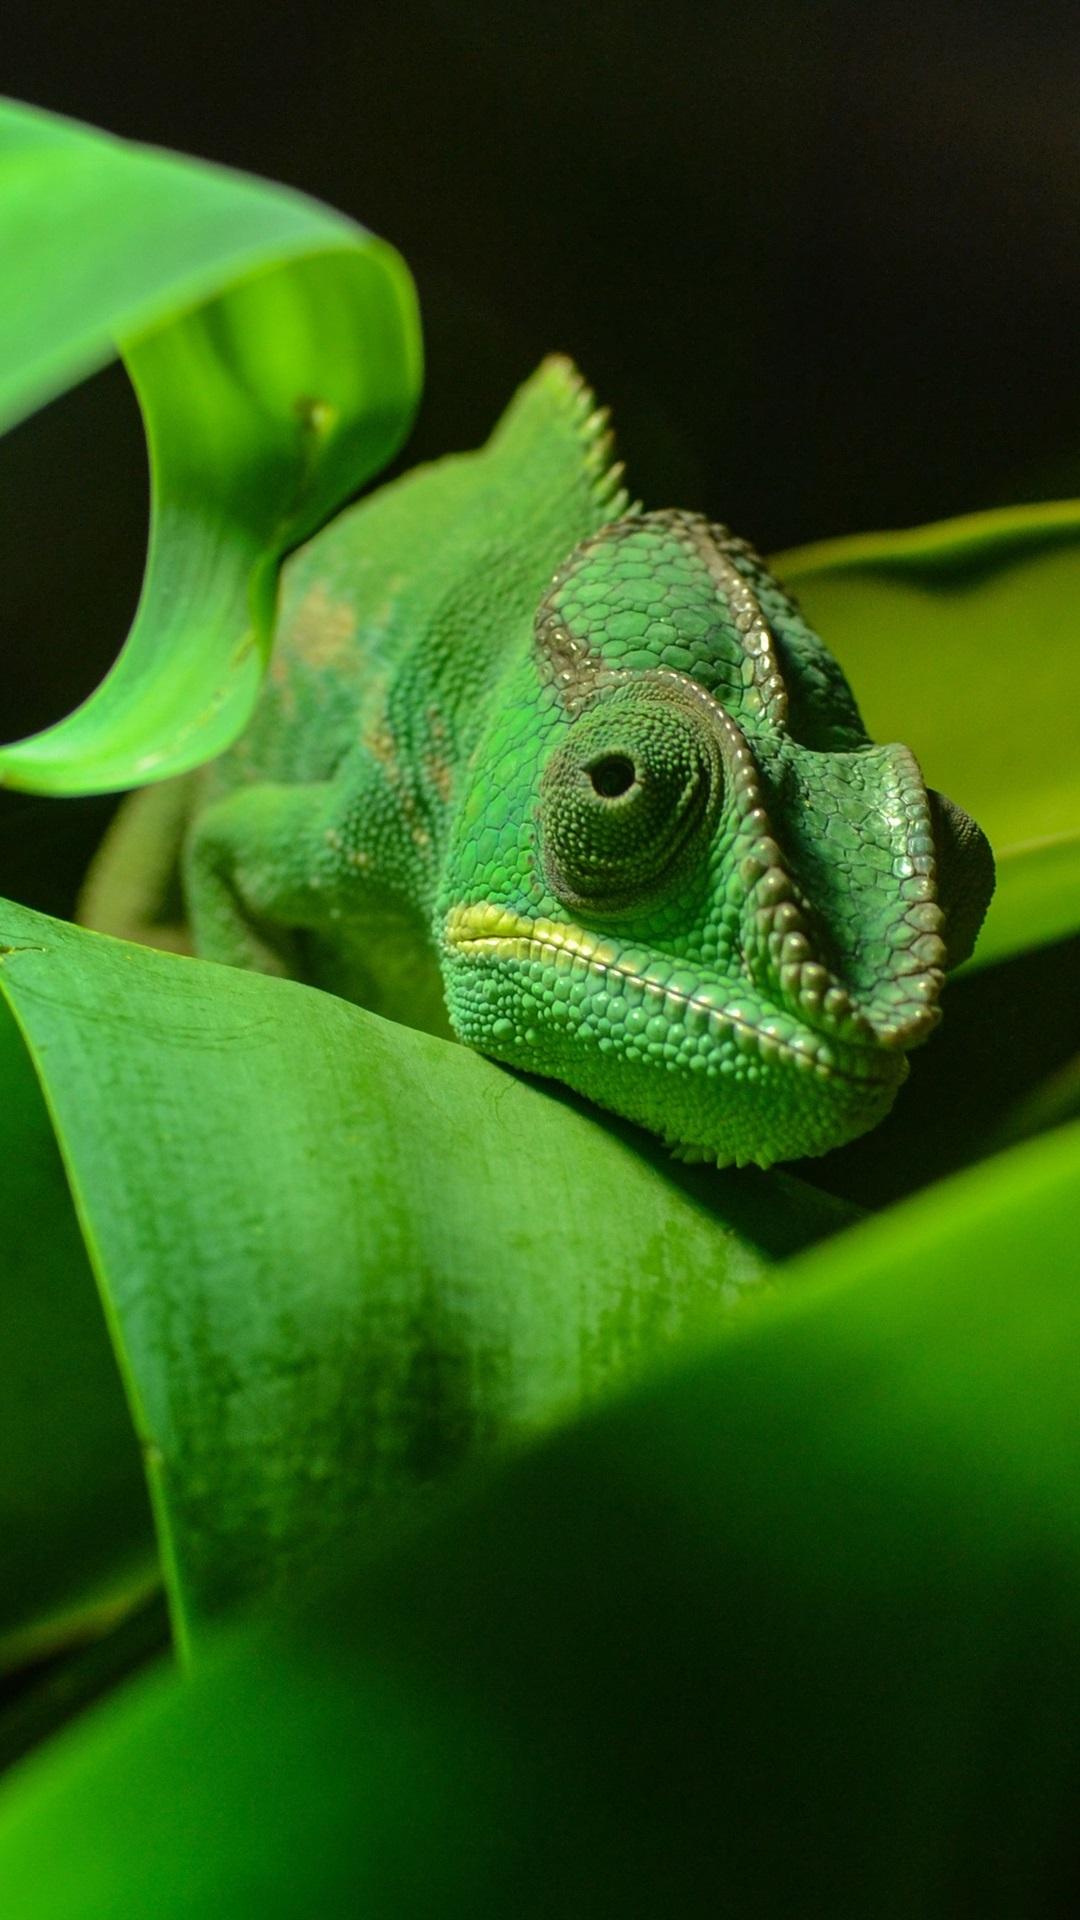 緑色のカメレオン 爬虫類のクローズアップ 葉 1080x1920 Iphone 8 7